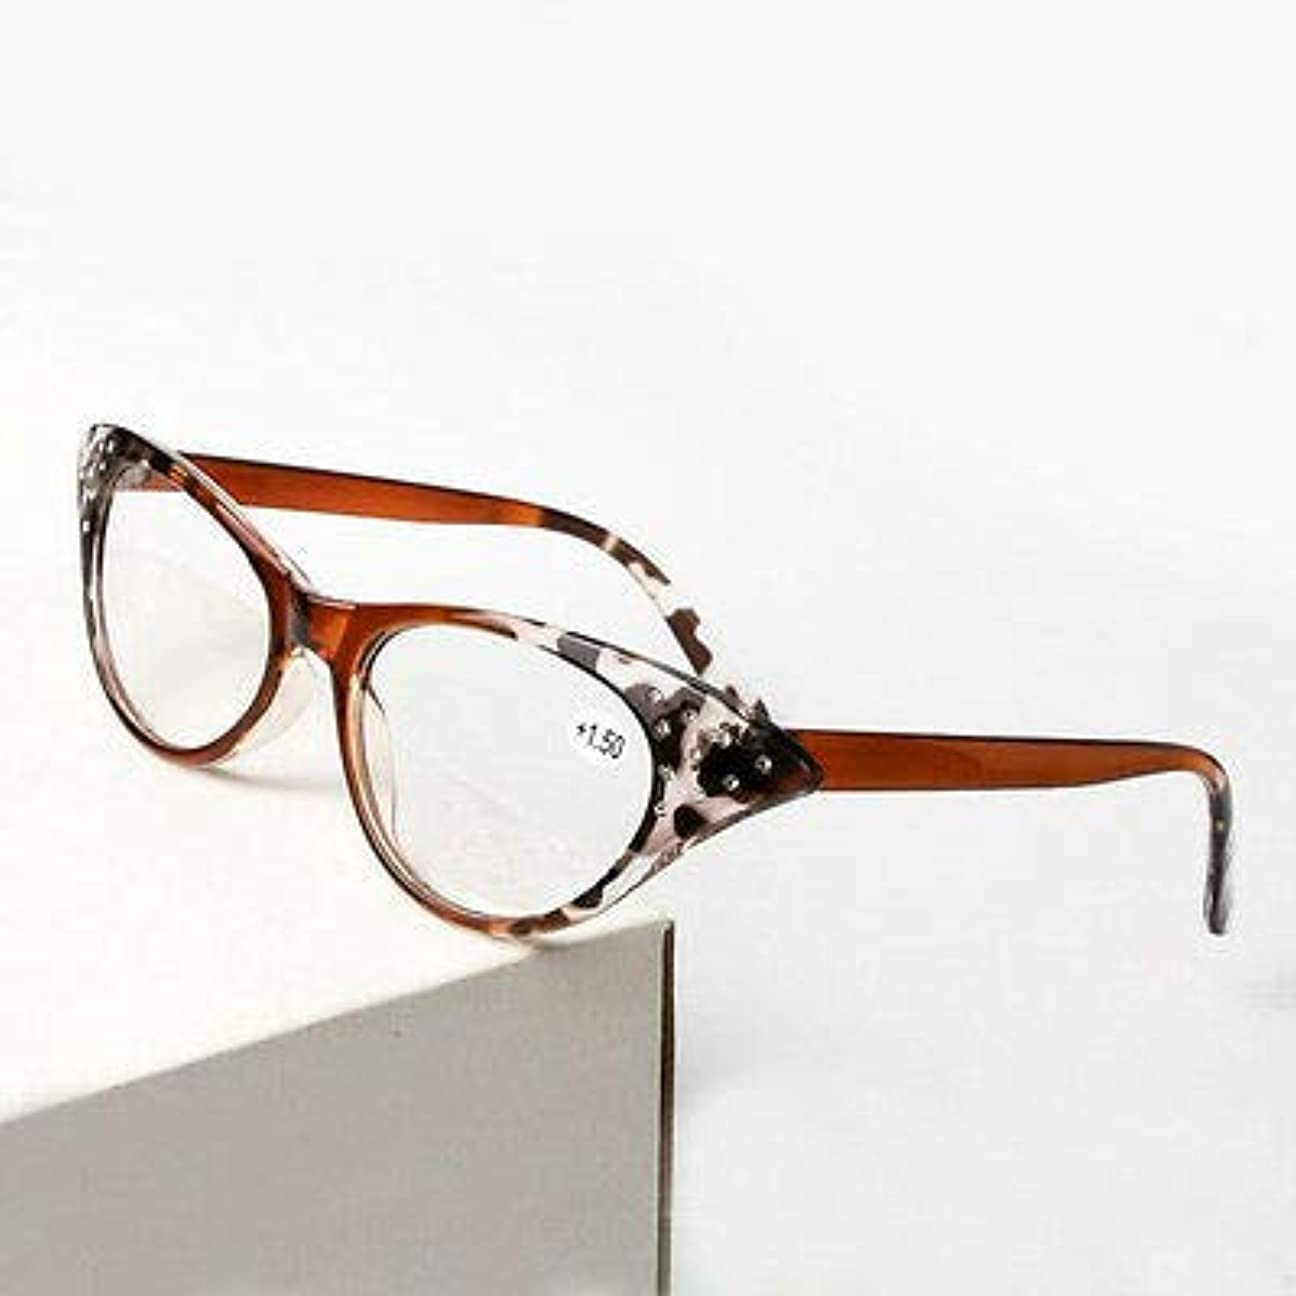 ゲージヒント悲劇FidgetGear ファッションキャットアイレトロ老眼鏡+ 1.0?+ 3.5ヒョウヴィンテージリーダーアイウェア ヒョウ